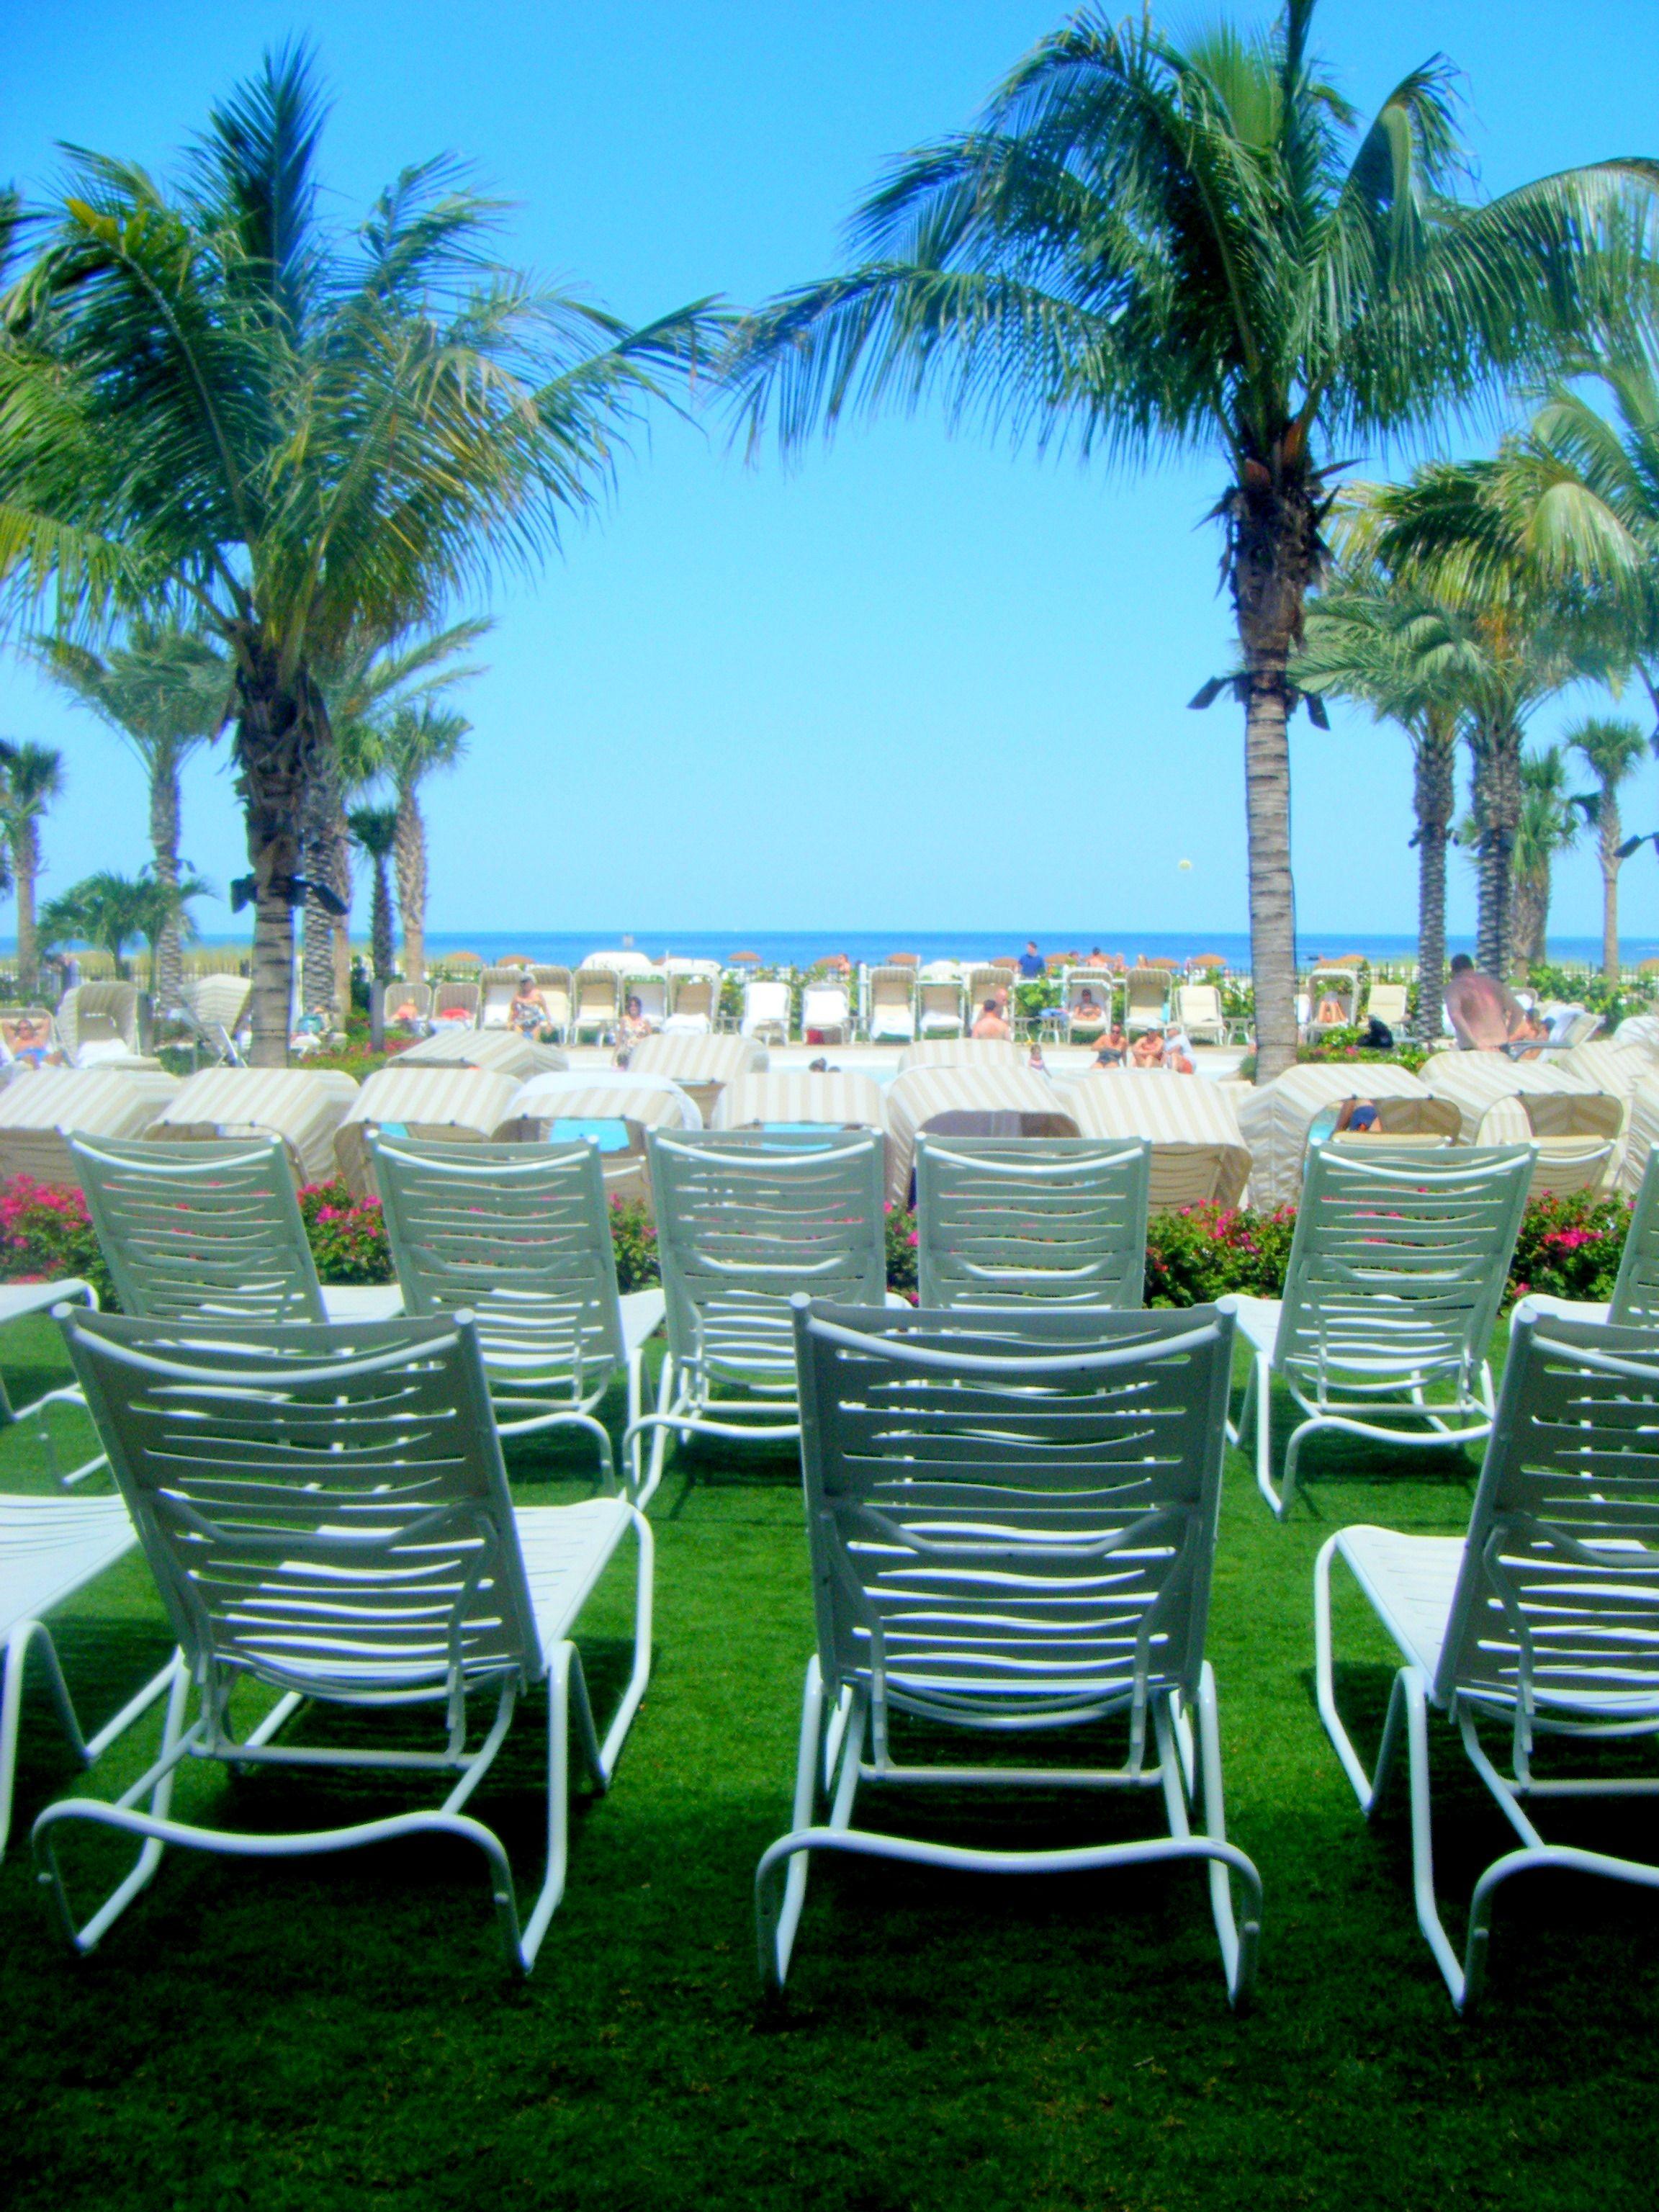 Florida Beaches, Clearwater Beach